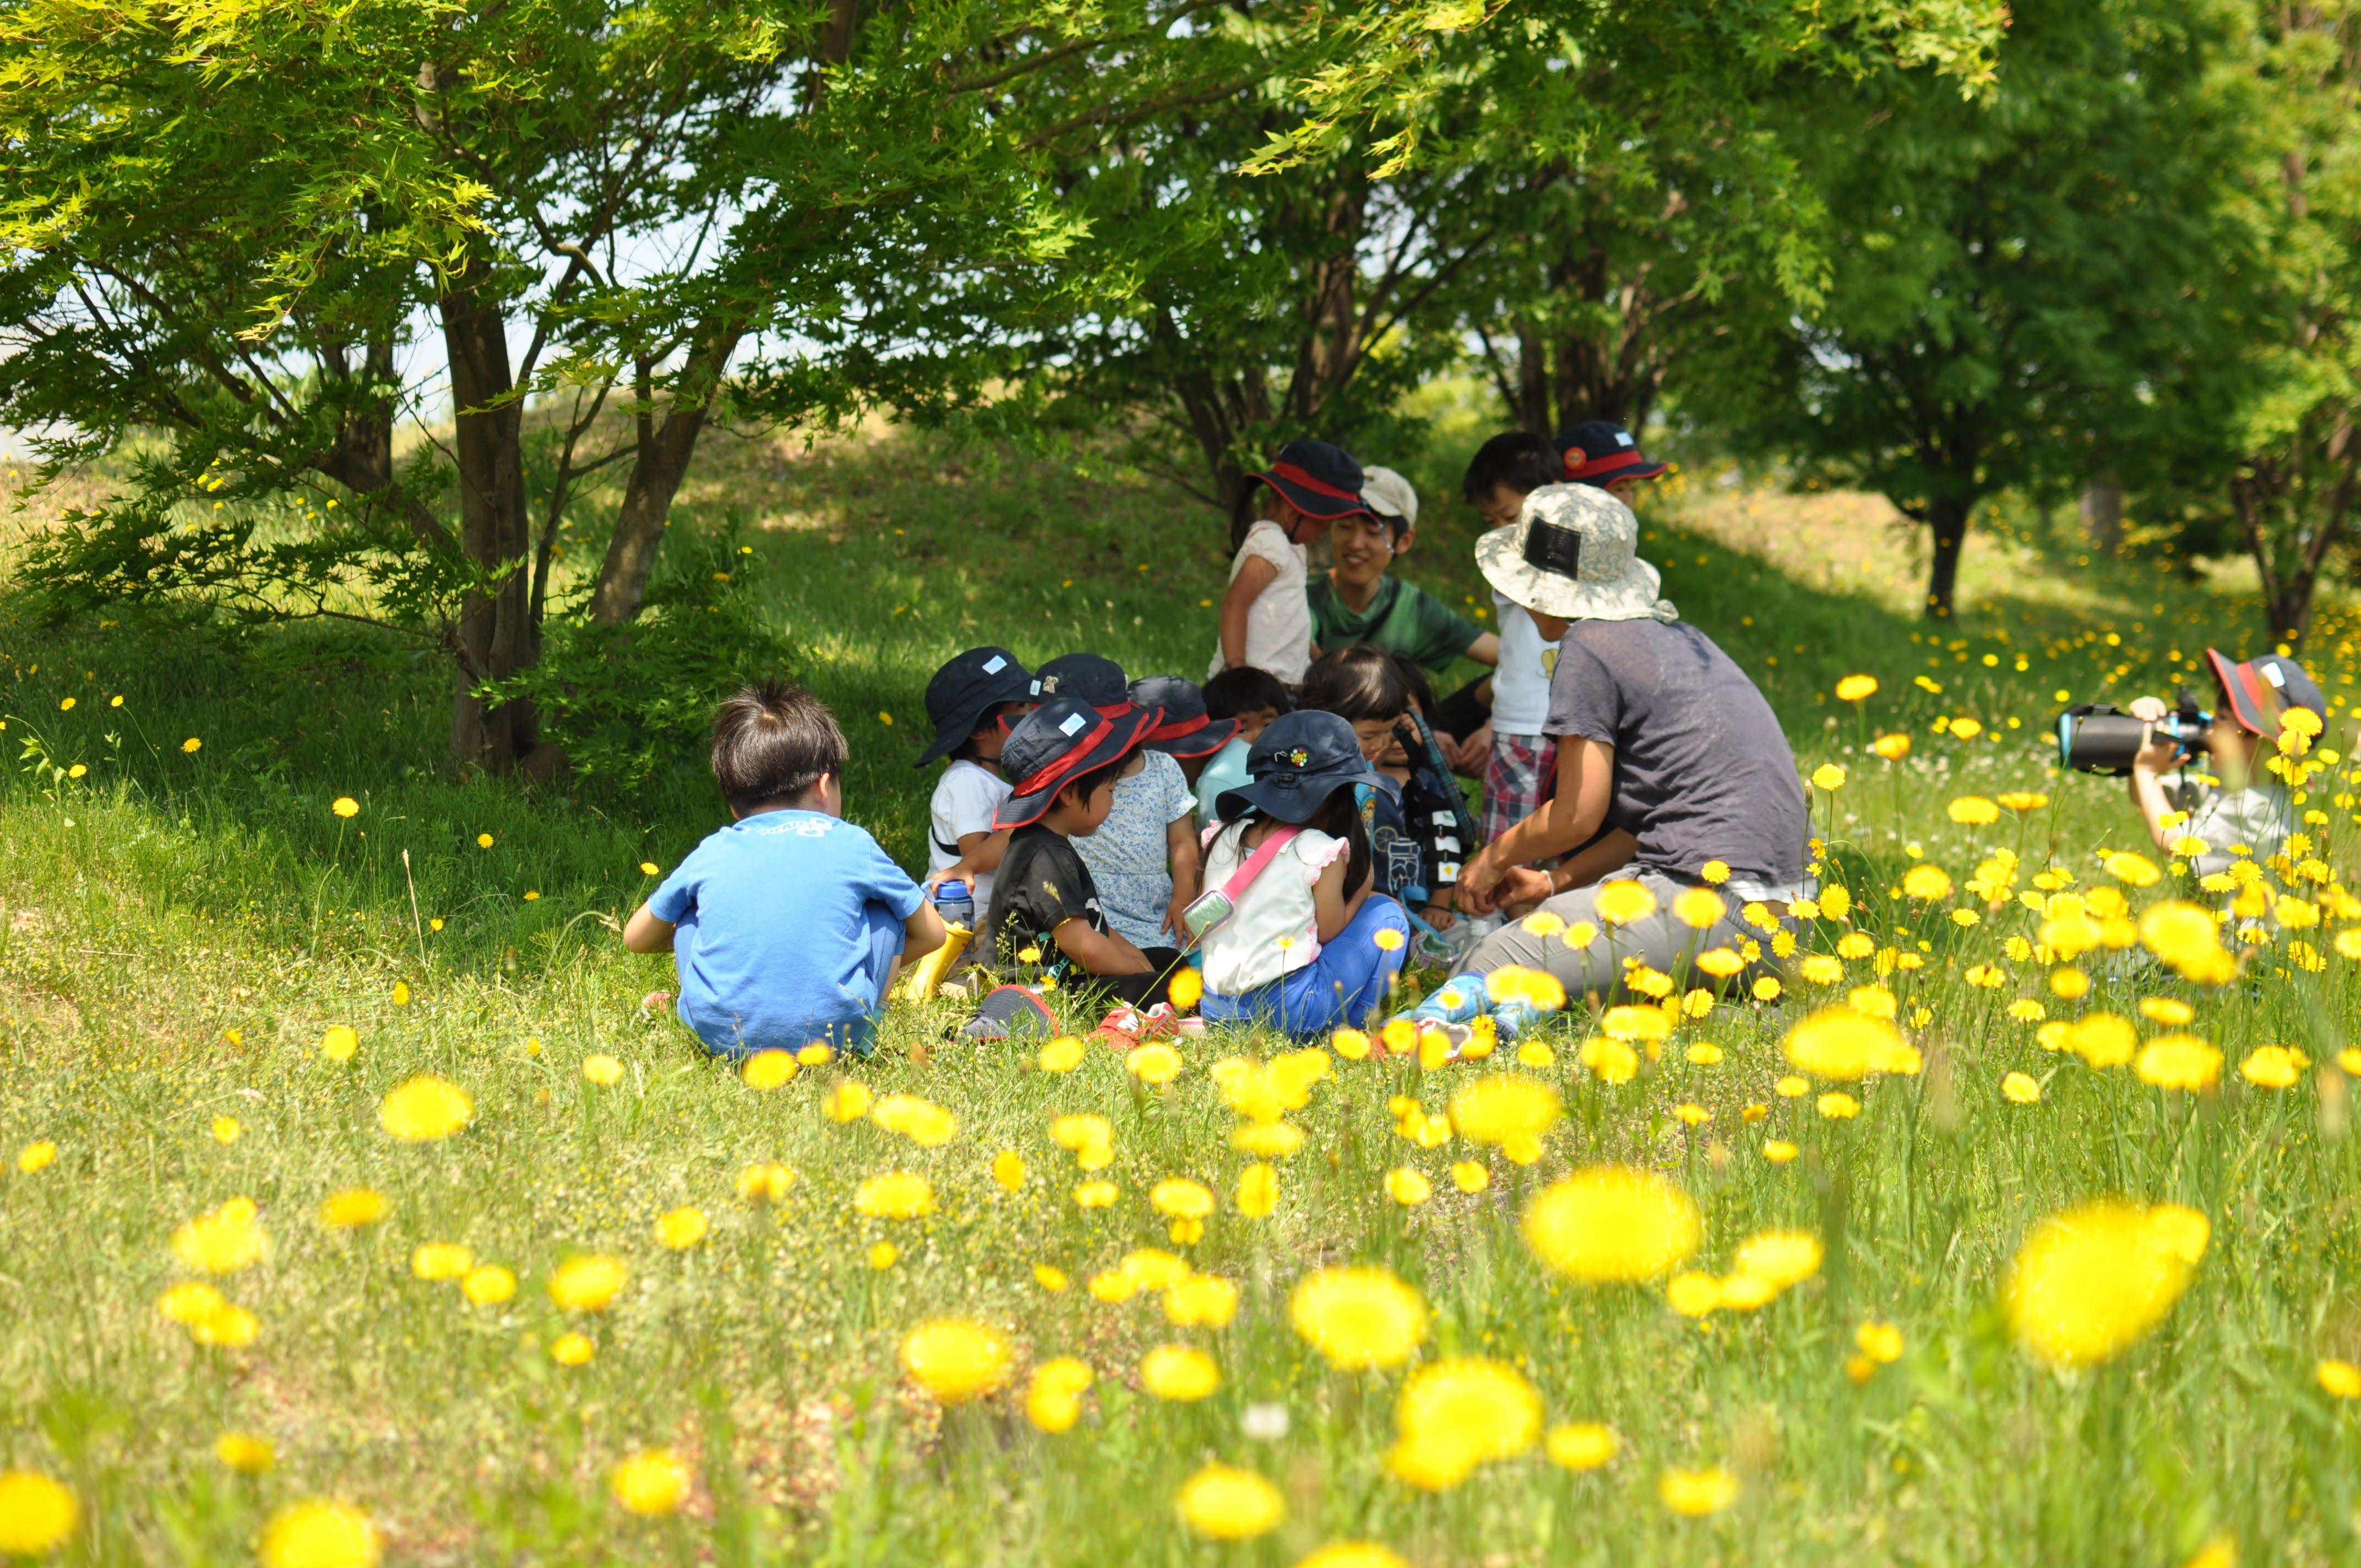 スタッフ募集:やまのこ保育園(山形県鶴岡市)&オンライン説明会開催!